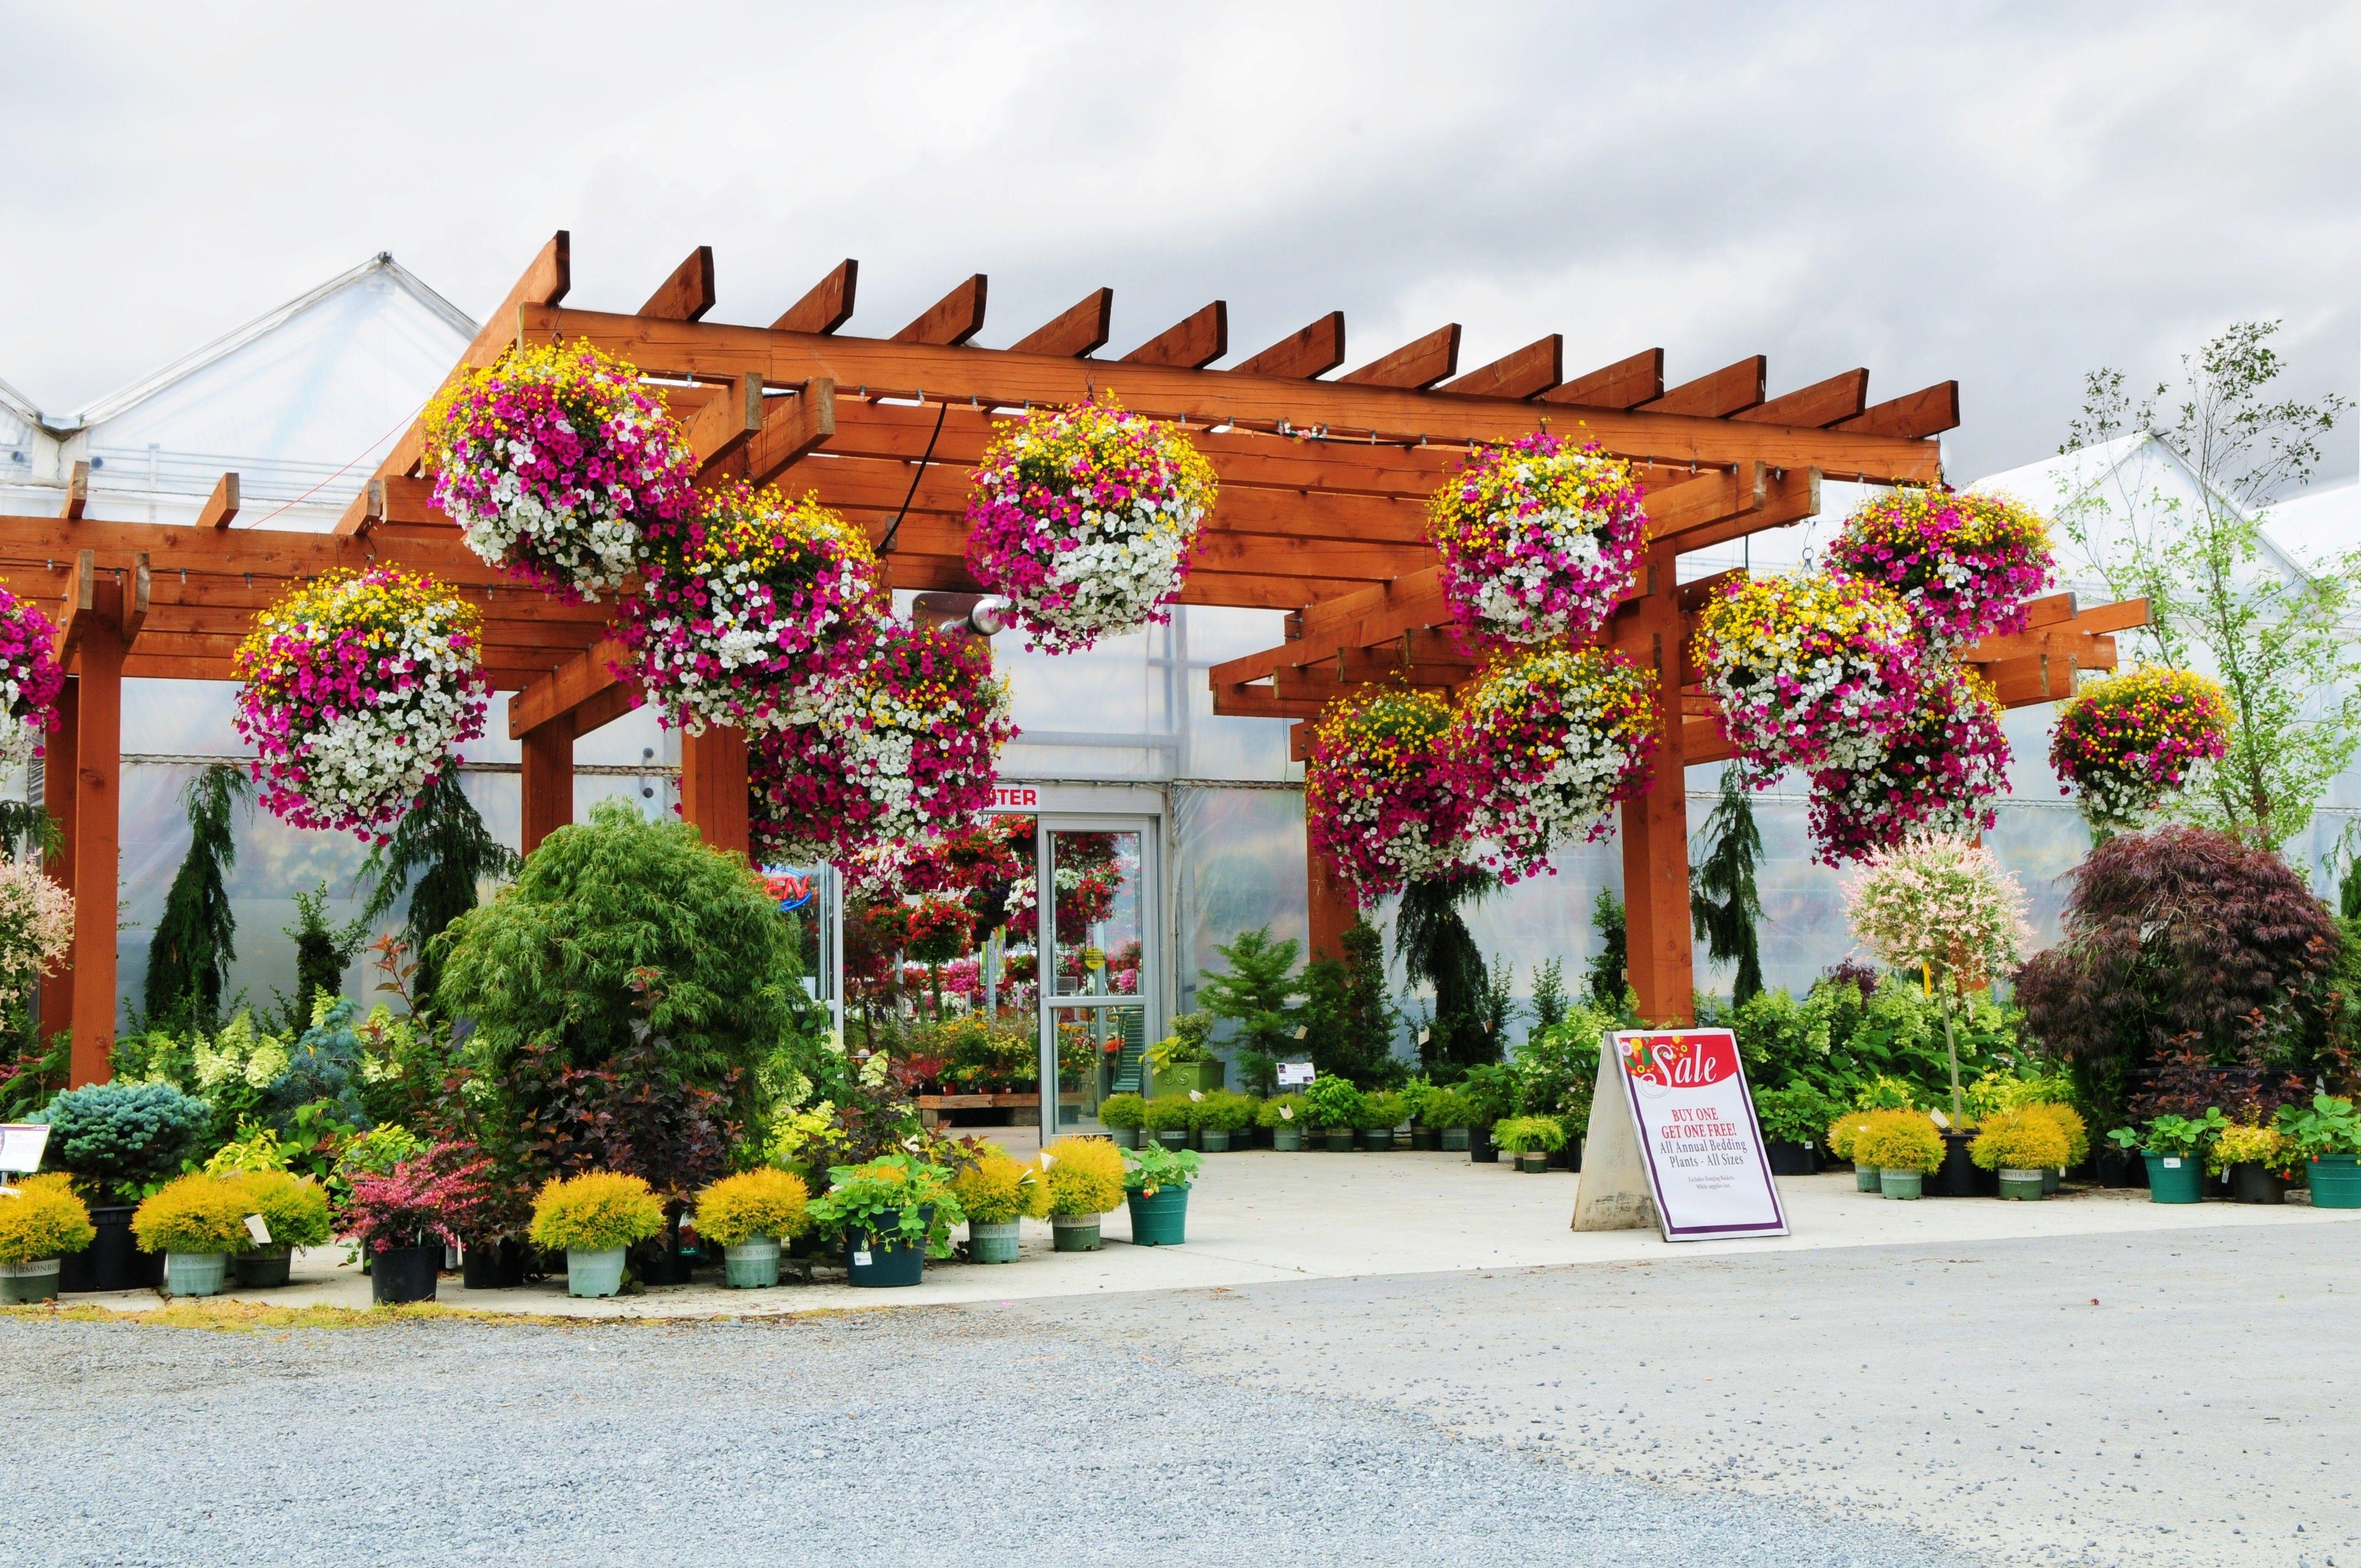 Garden Center Entry Google Search With Images Garden Center